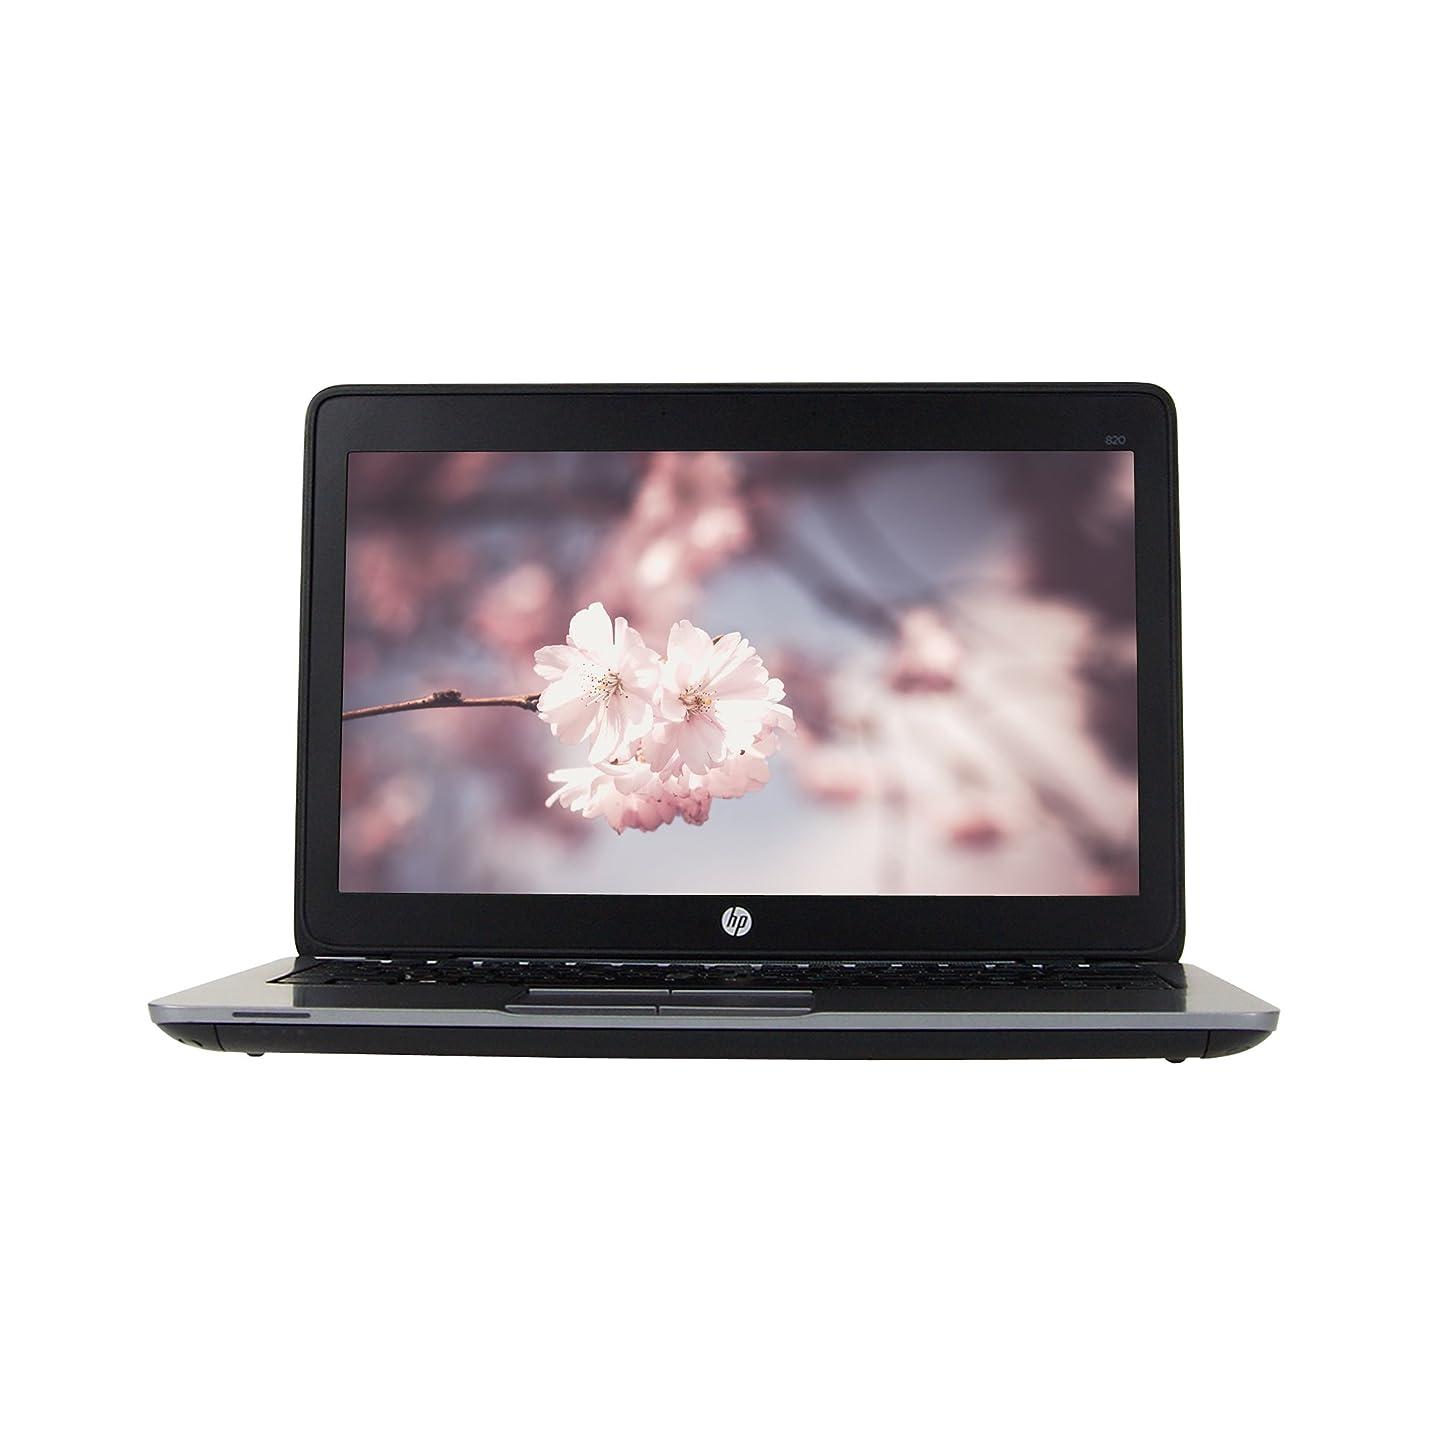 HP EliteBook 820 G2 12.5in Laptop, Core i5-5300U 2.3GHz, 8GB Ram, 480GB SSD, Windows 10 Pro 64bit (Renewed) brr602249027